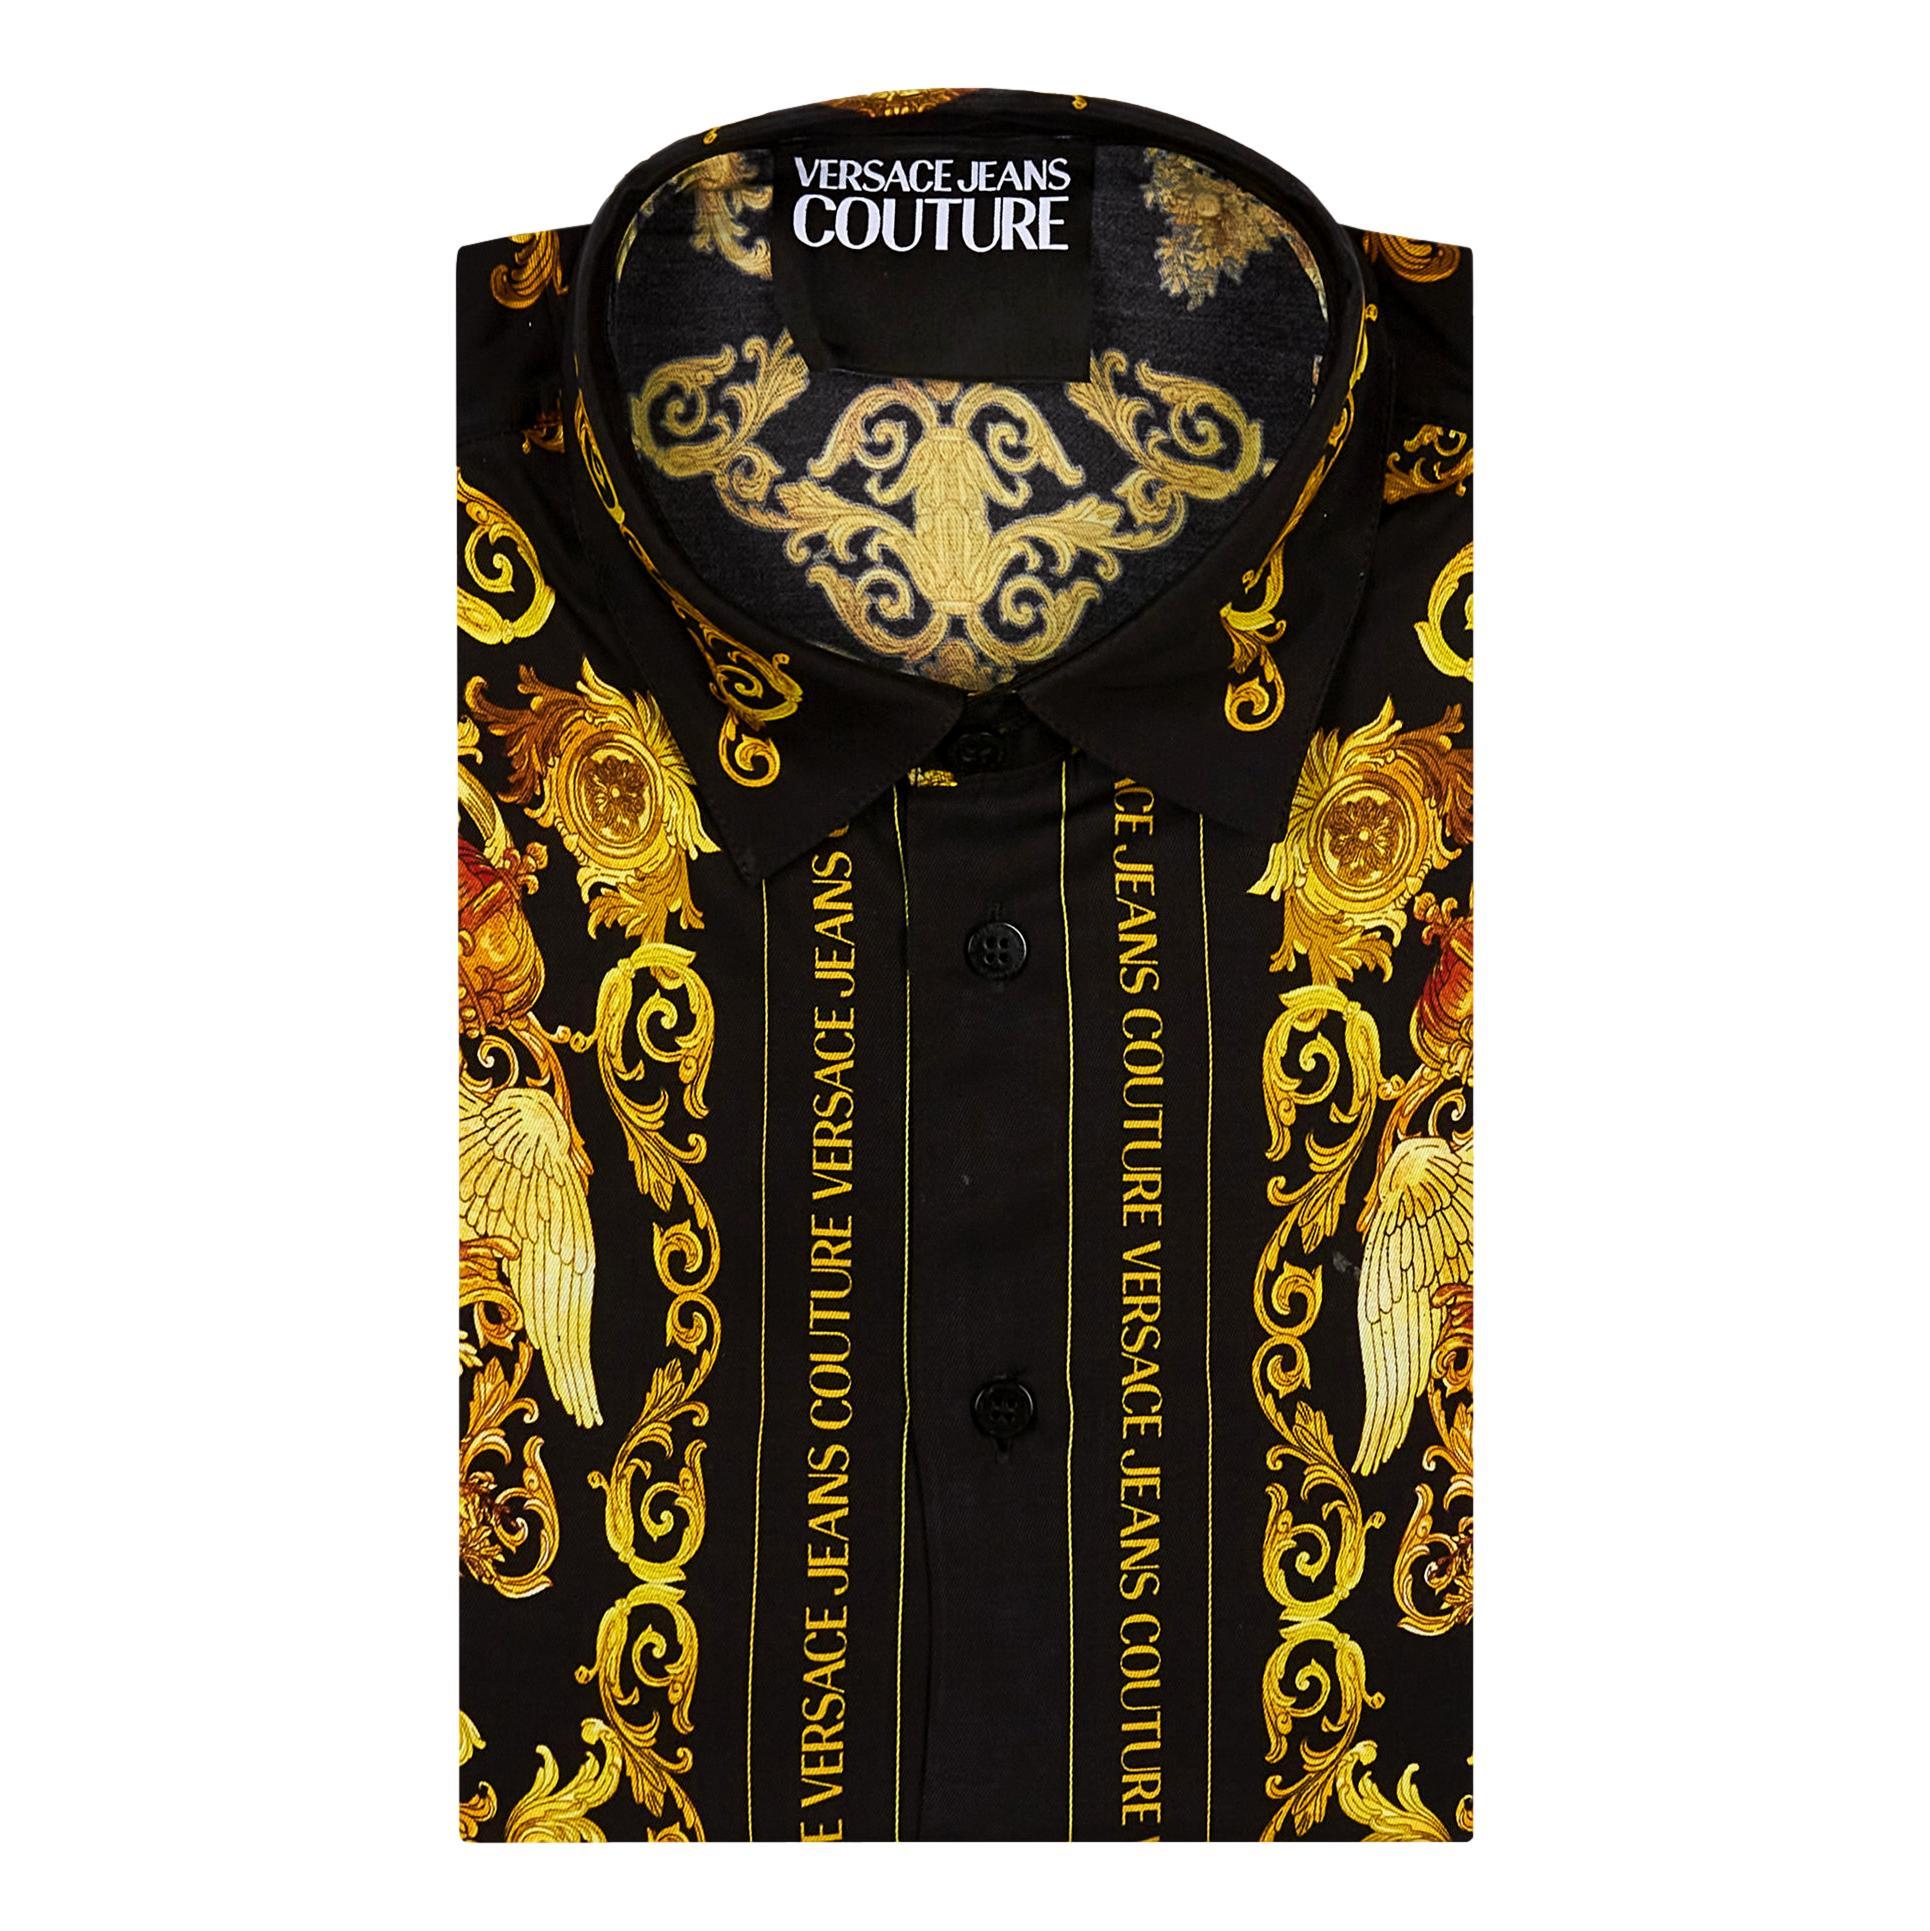 camicia con stampa barocca VERSACE JEANS COUTURE | Camicia | B1GWA6R3 S0273899